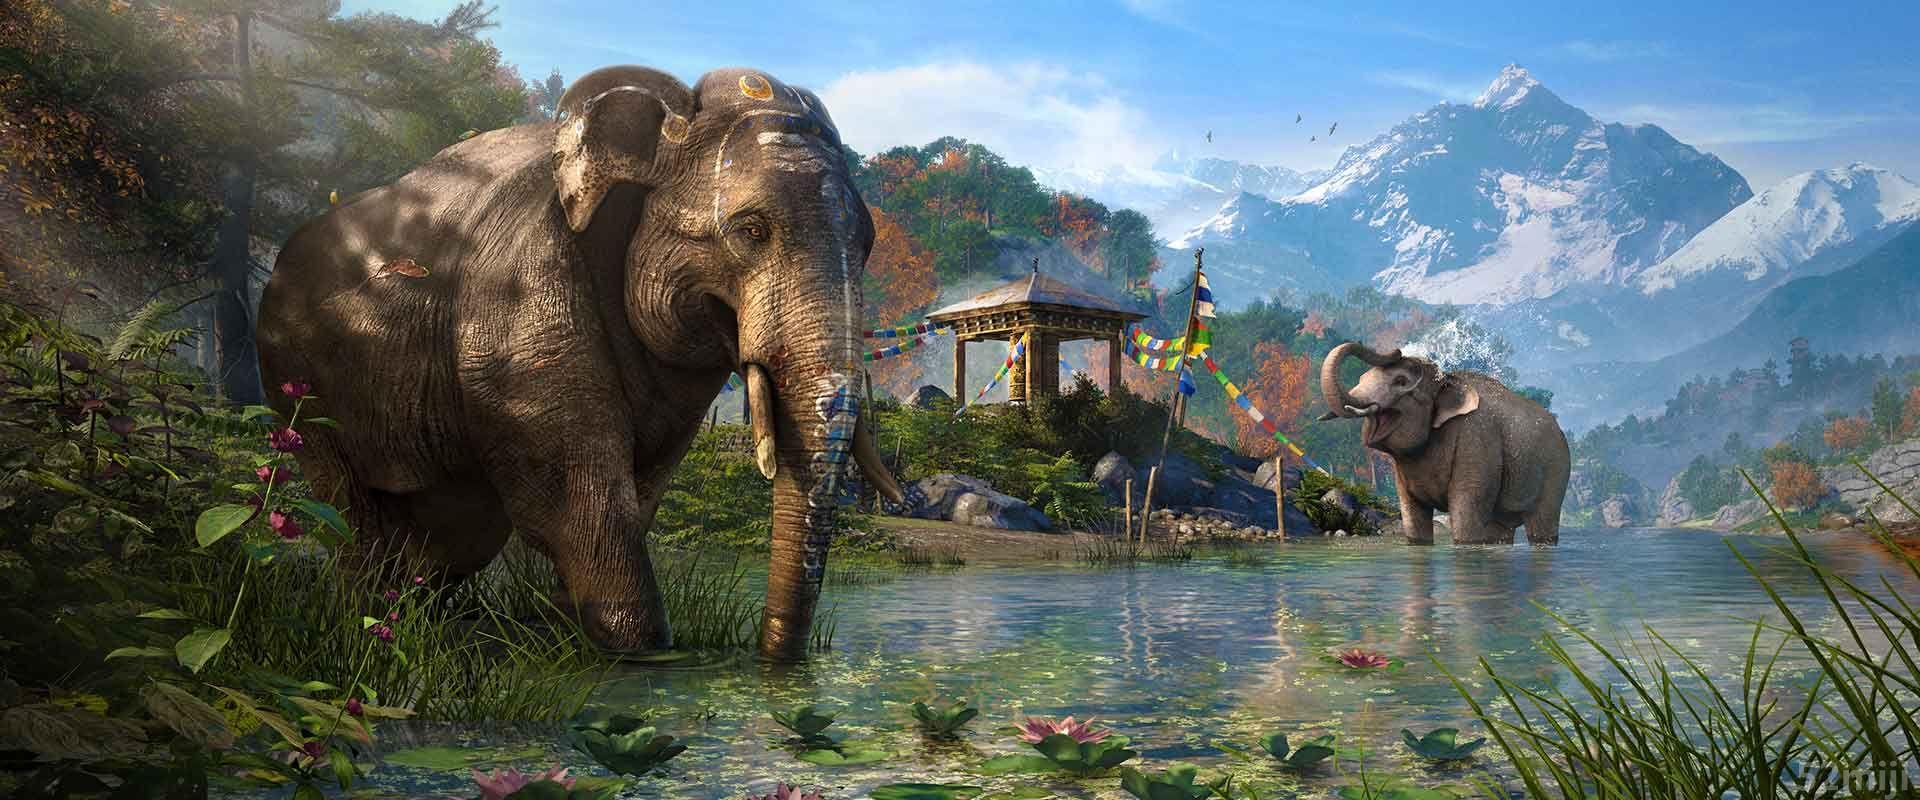 孤岛惊魂4游戏截图壁纸